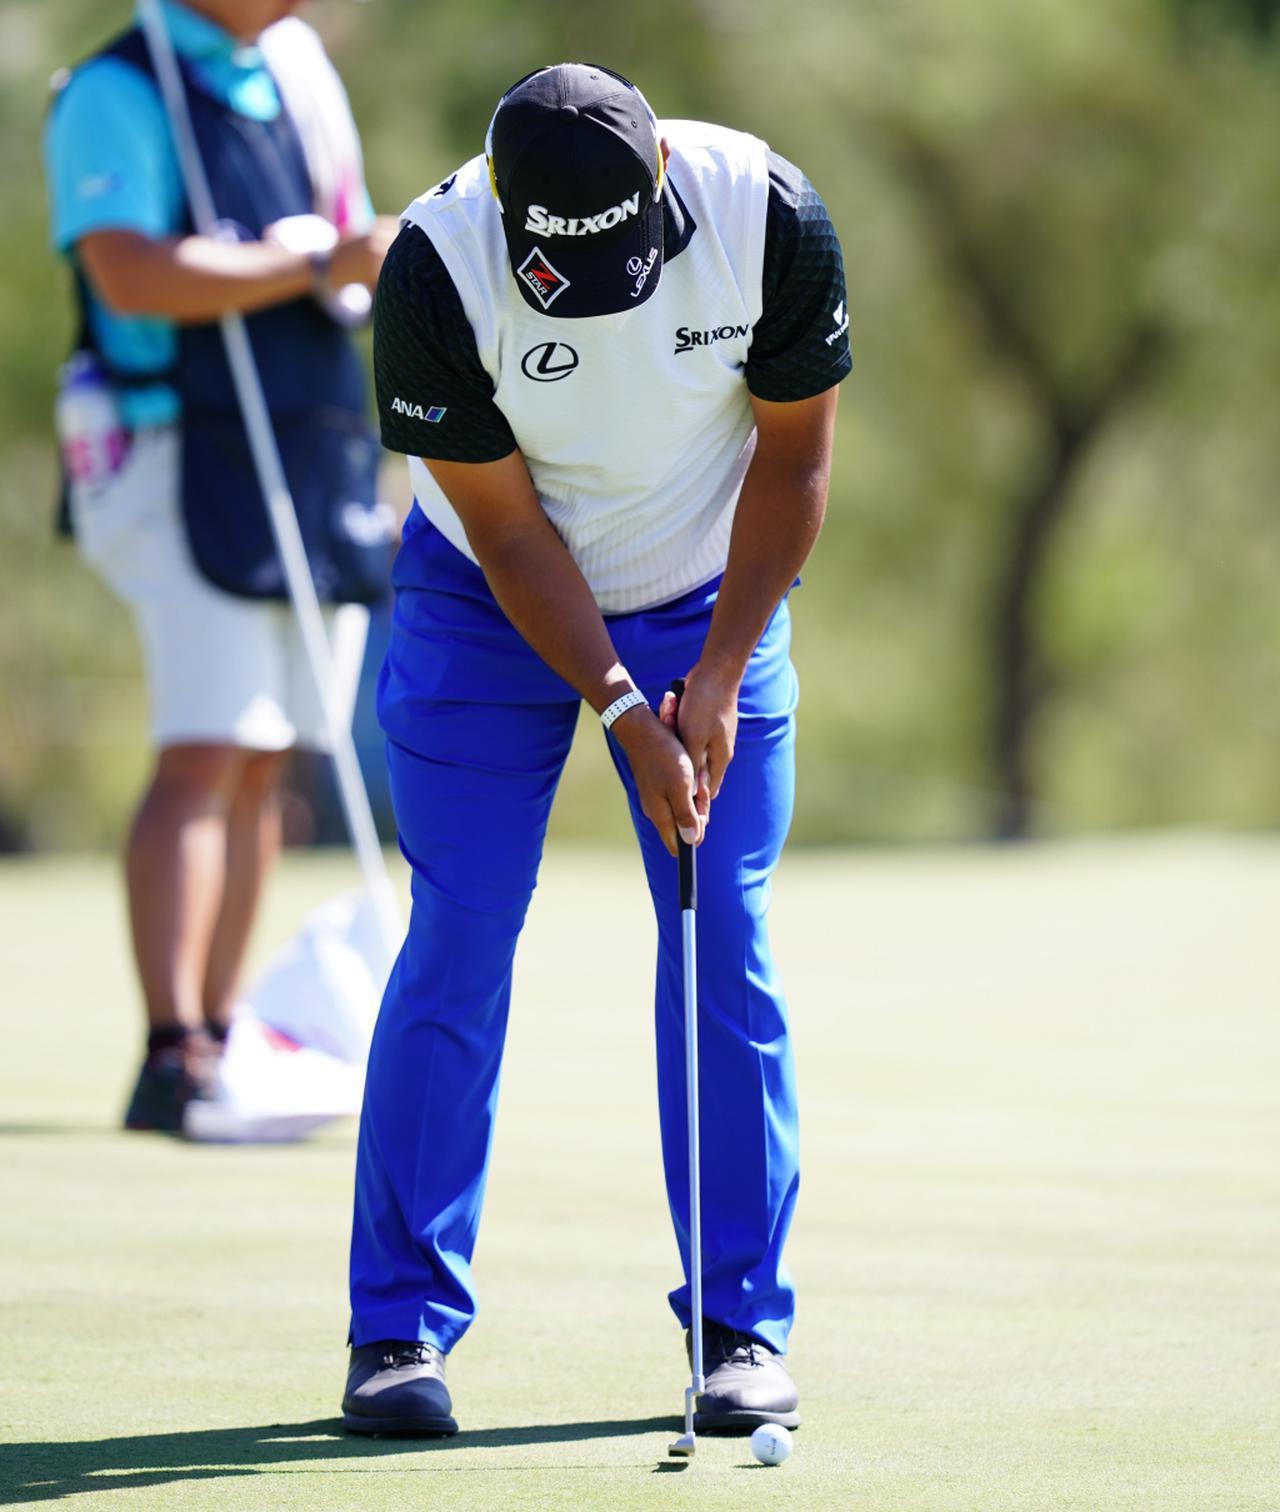 画像7: 【名手のパット】入る握り方に3つの流派。PGAツアーのパッティンググリップ、タイガー・マキロイ・松山・スピース…